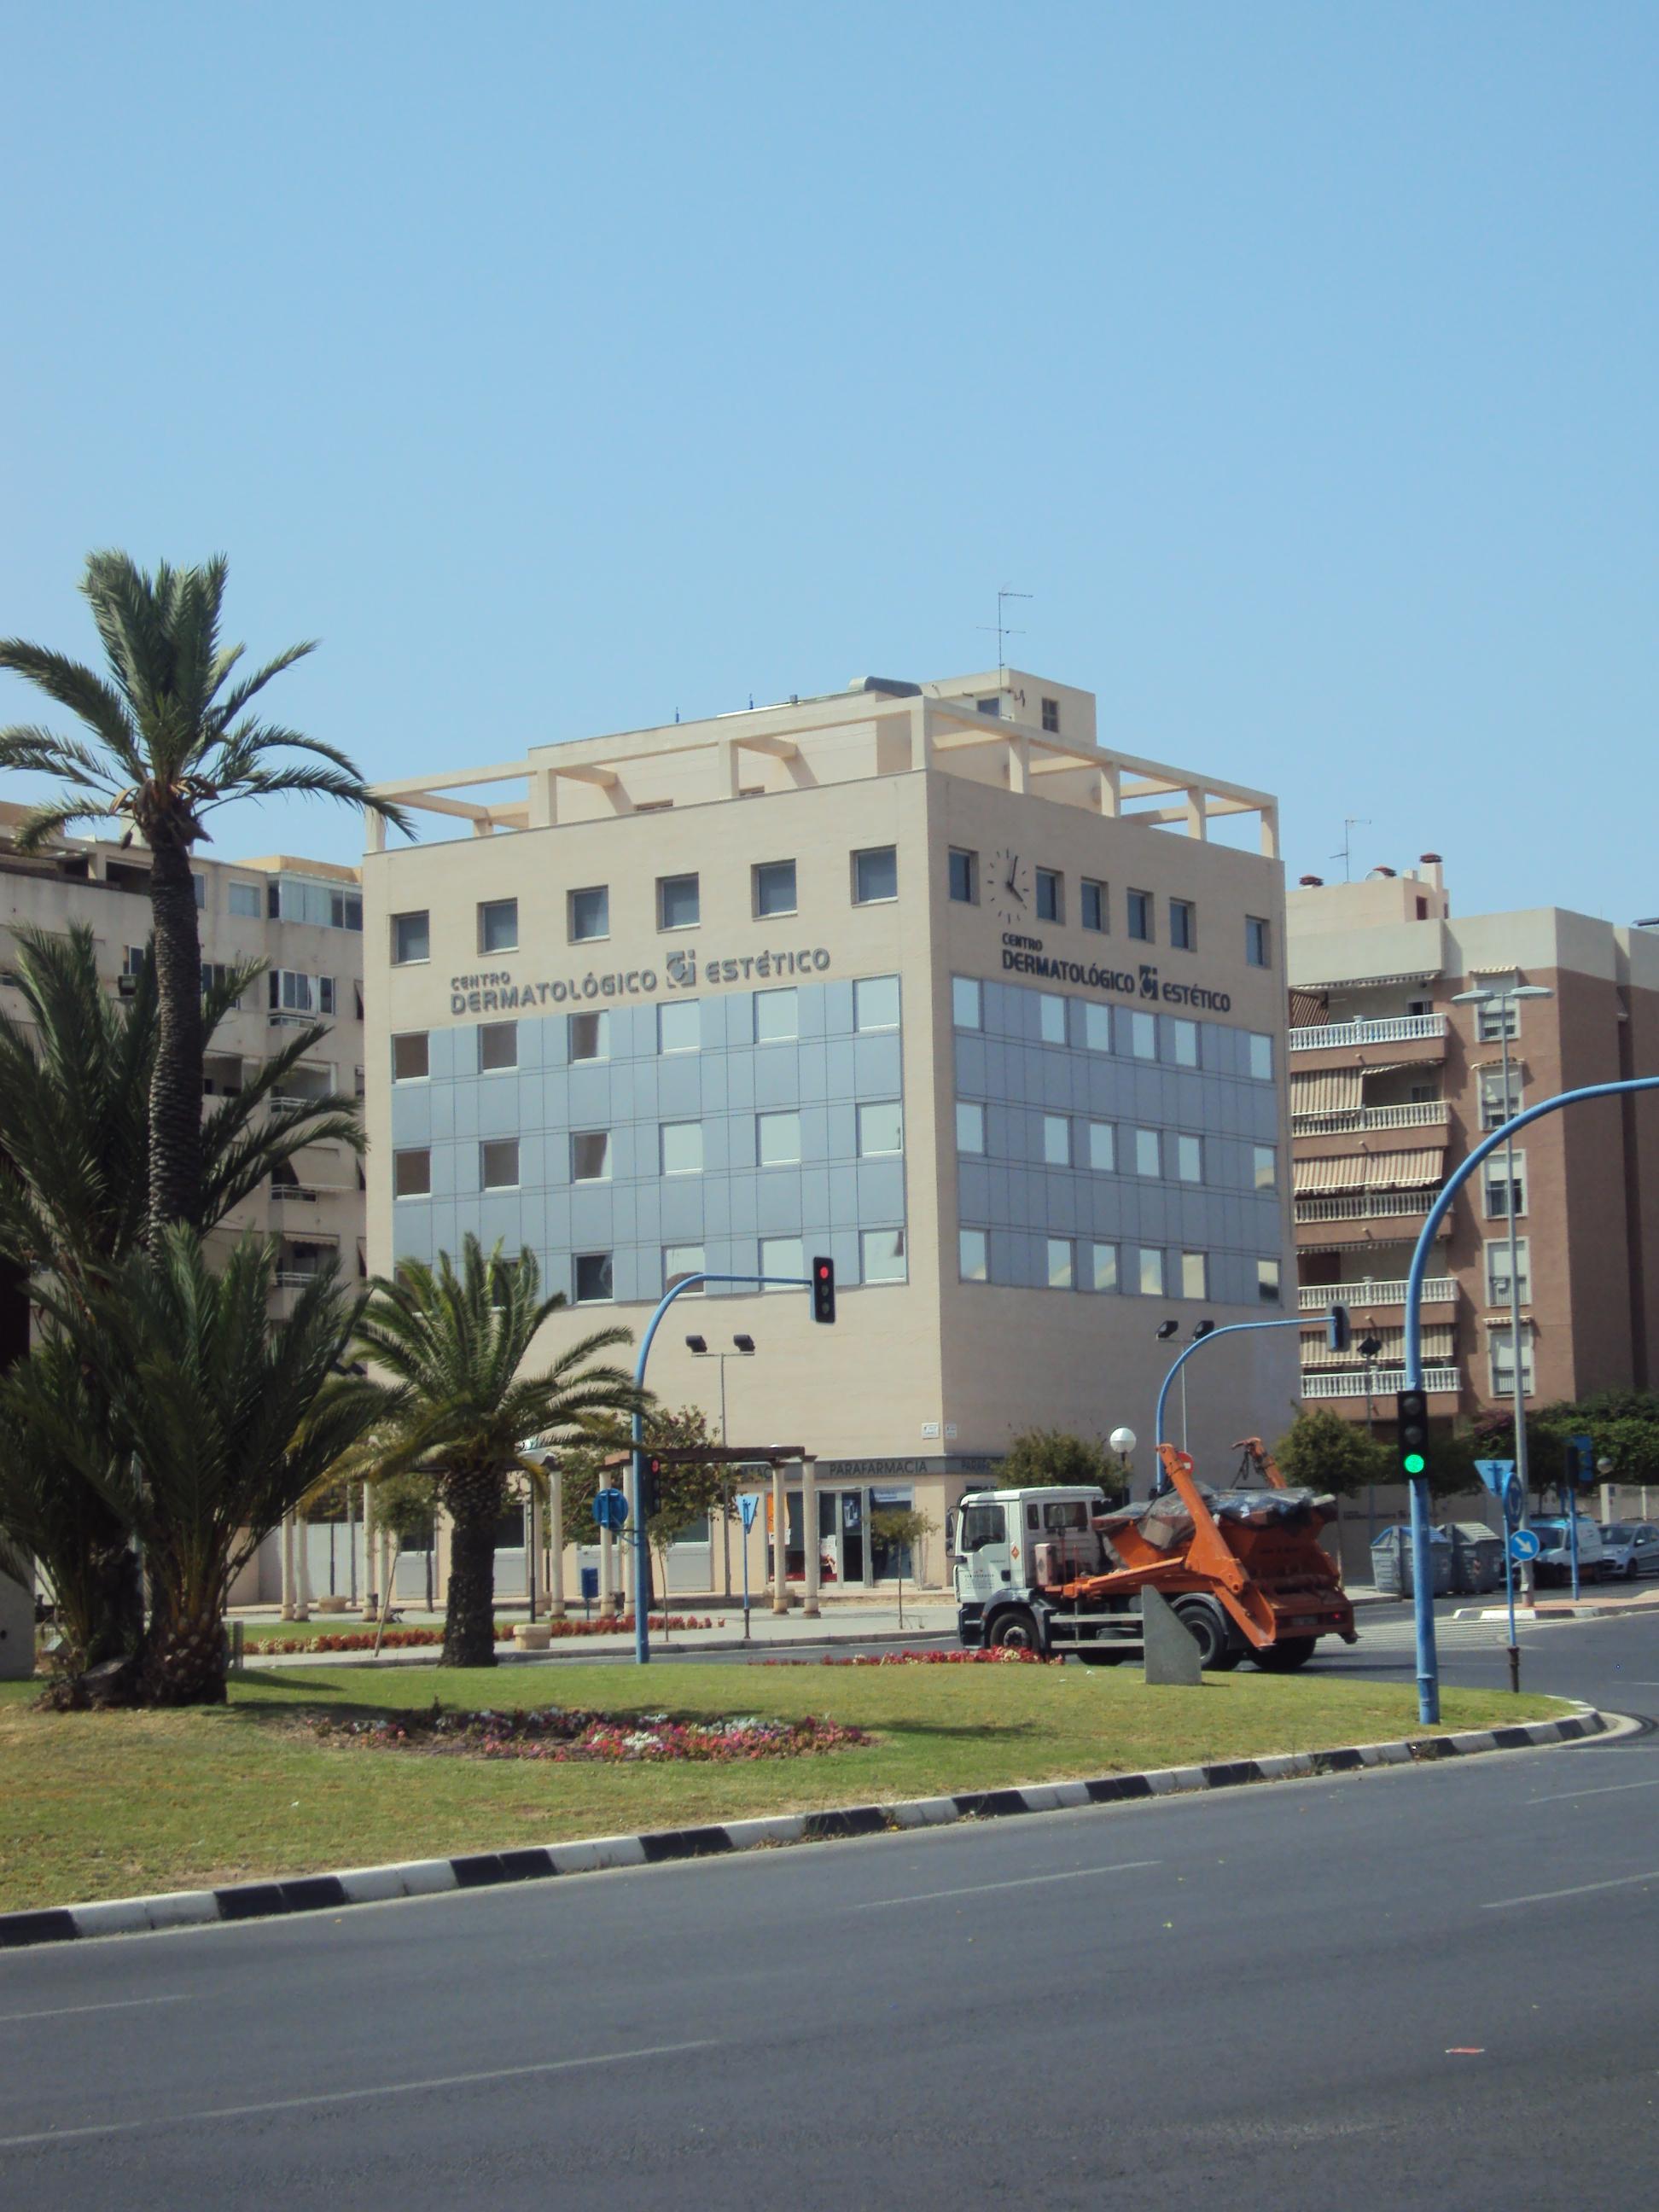 Centro Dermatológico y Estético, Alicante - Espanha